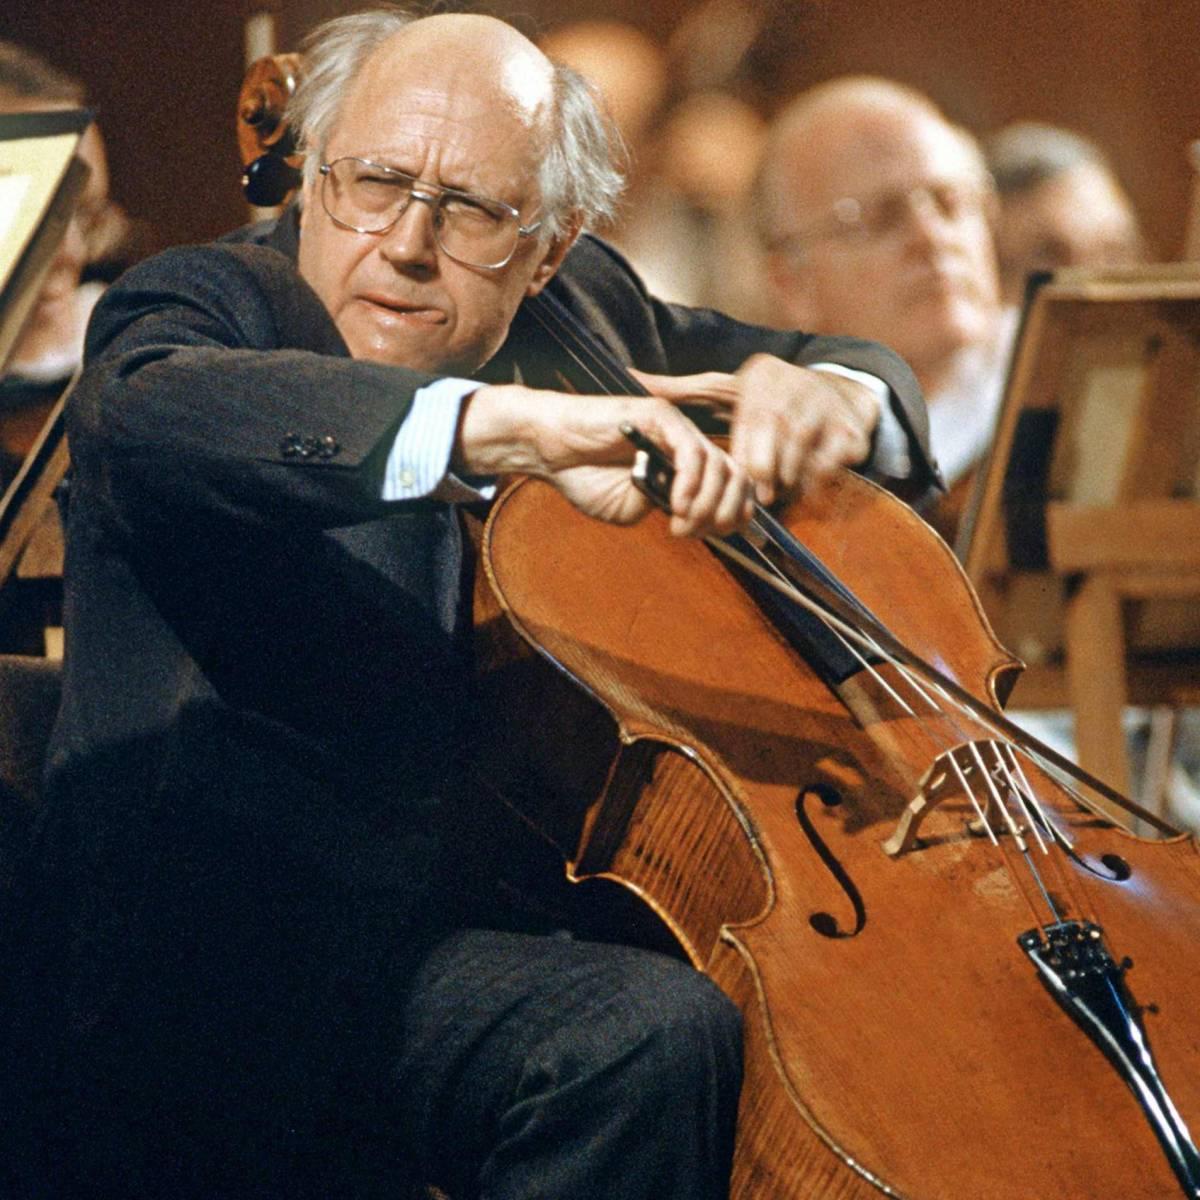 È morto il violoncellista Mistislav Rostropovich